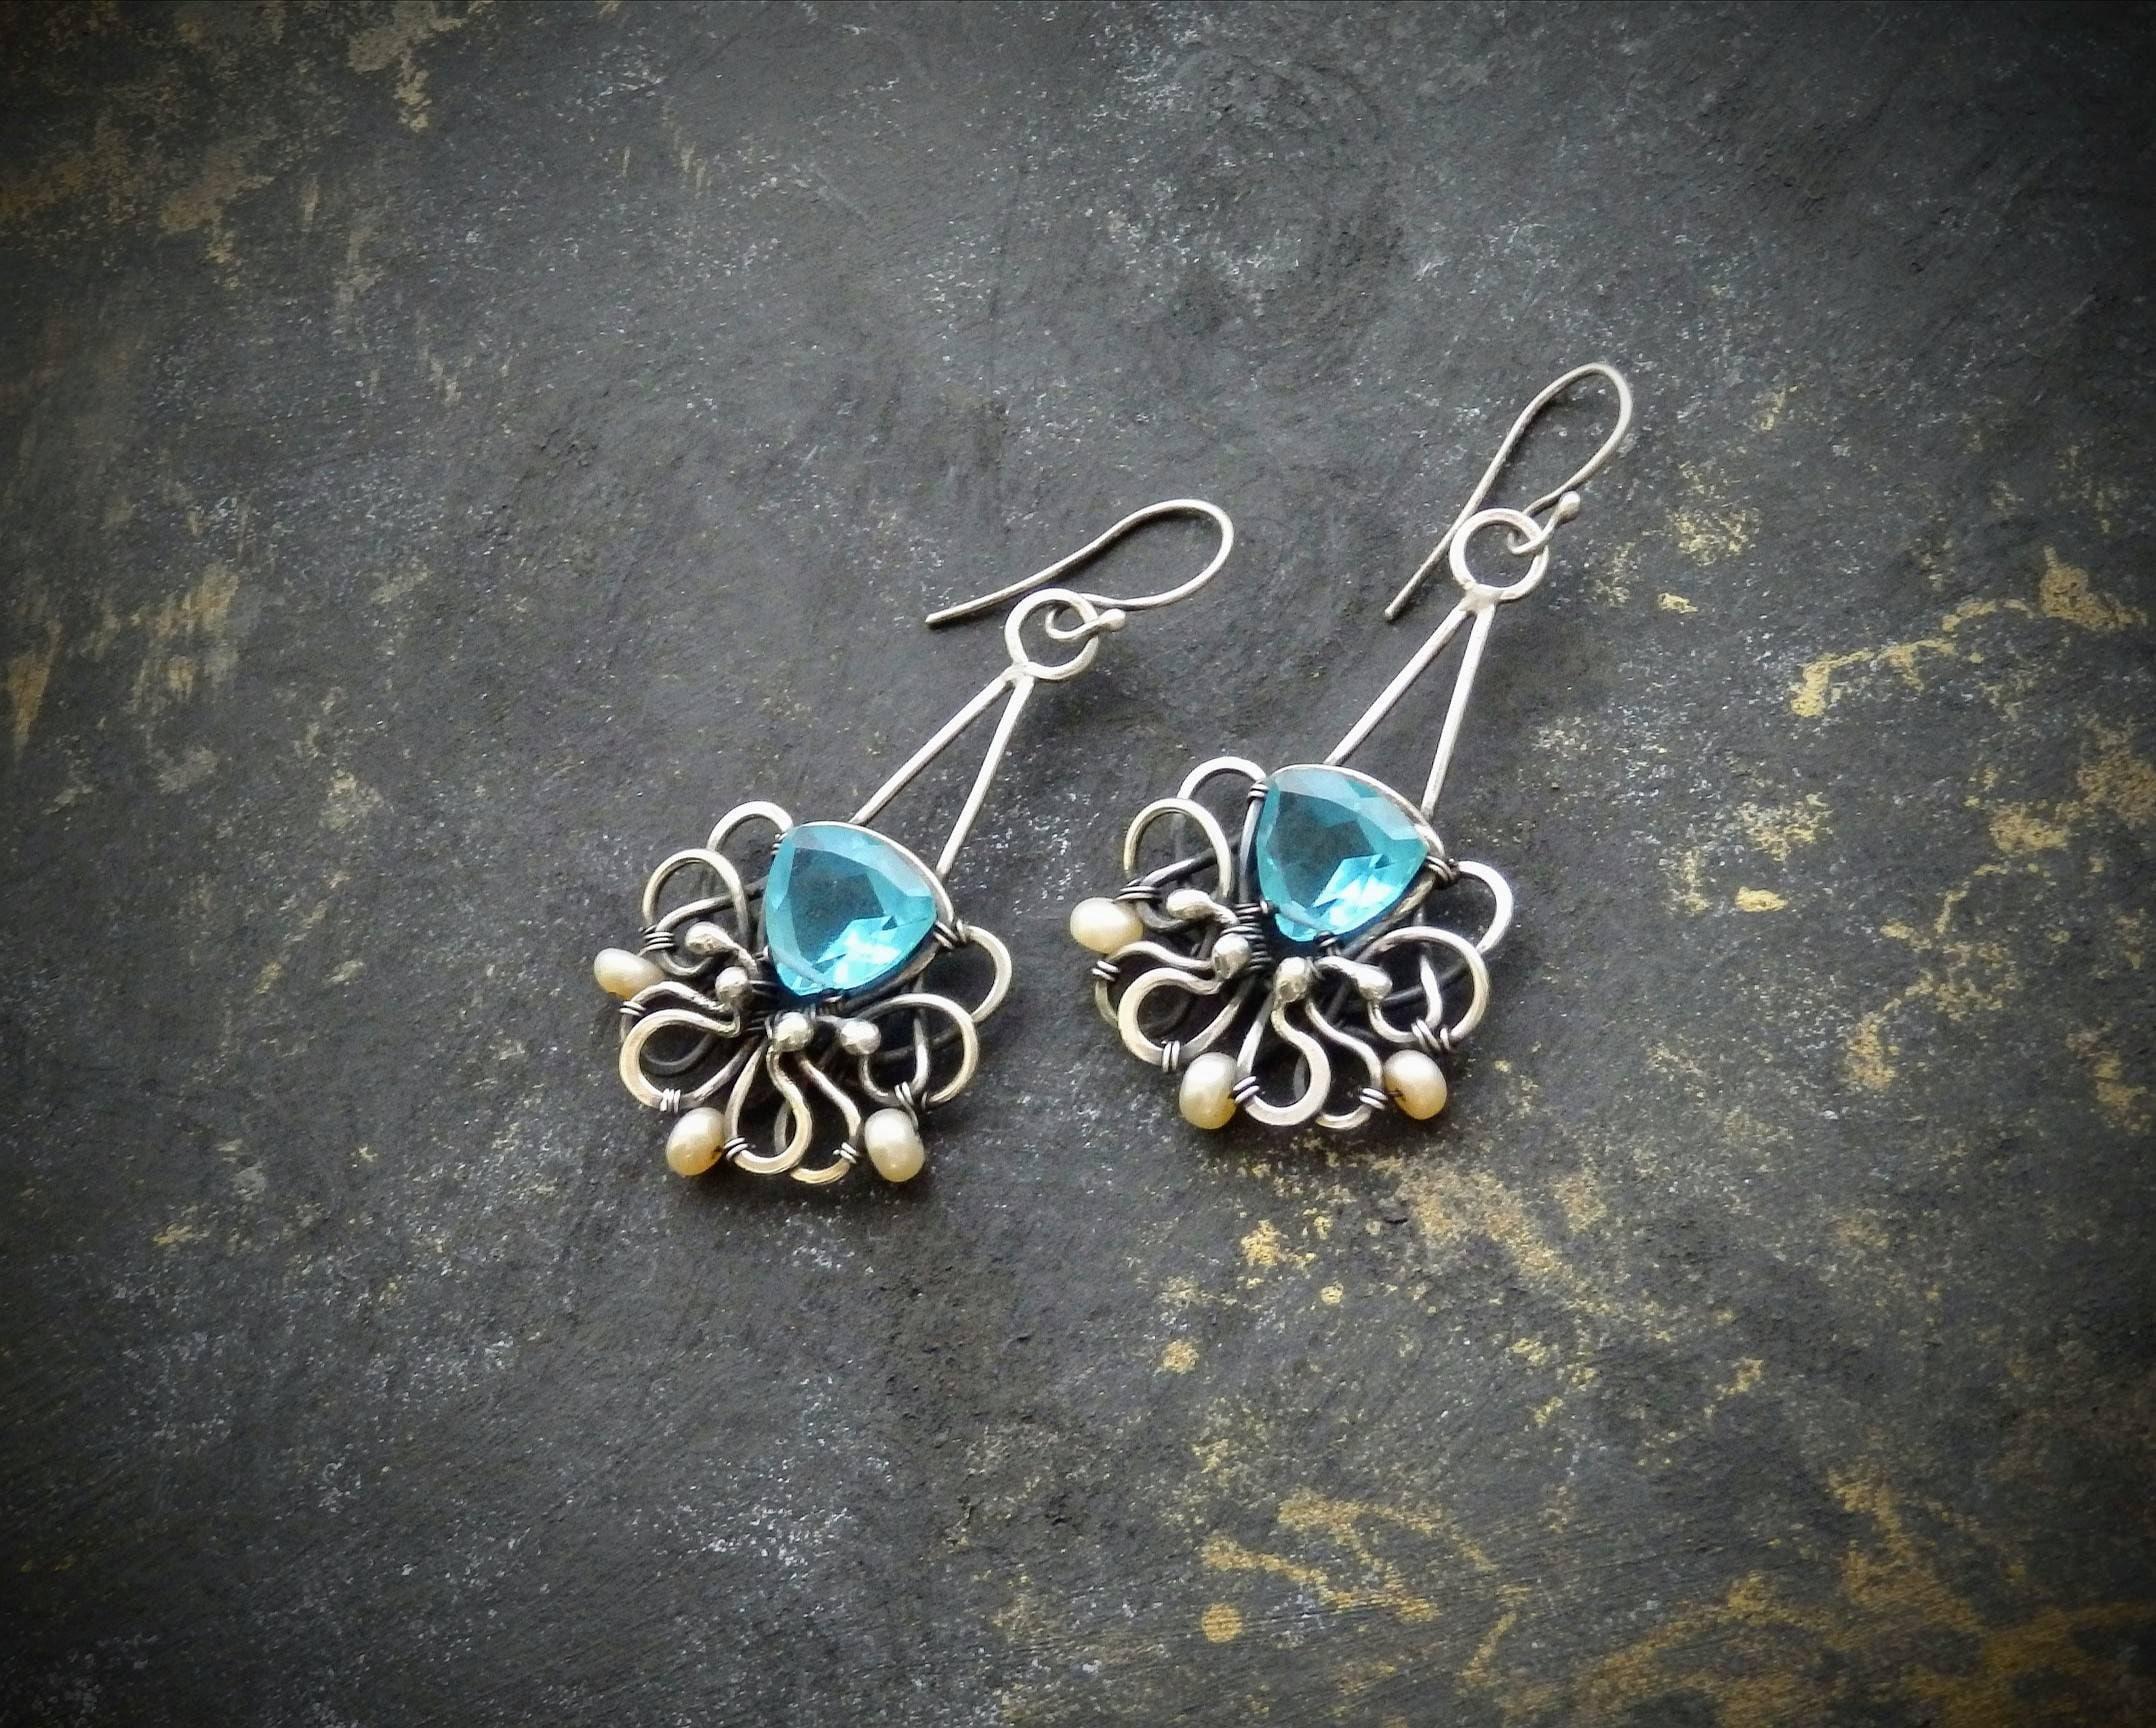 Стерлинг серебряные серьги с небесно-голубой кварц, проволока завернутые серьги